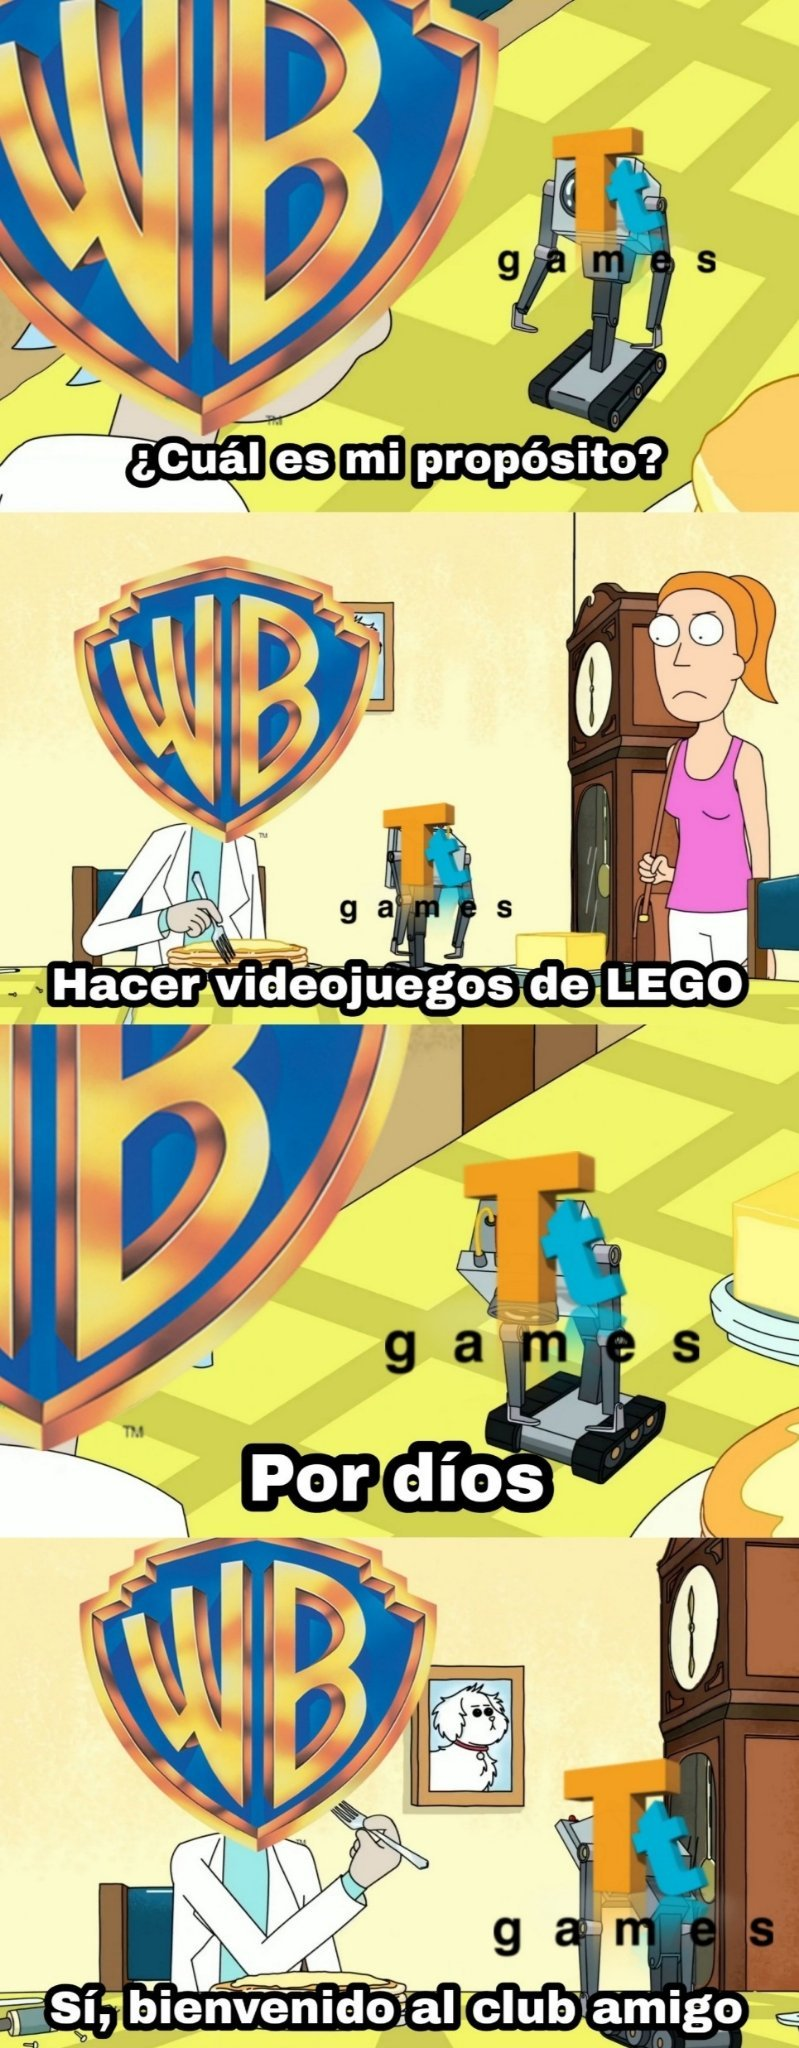 Literalmente los que no son de LEGO son tan pocos que puedes contarlos con los dedos de las manos - meme